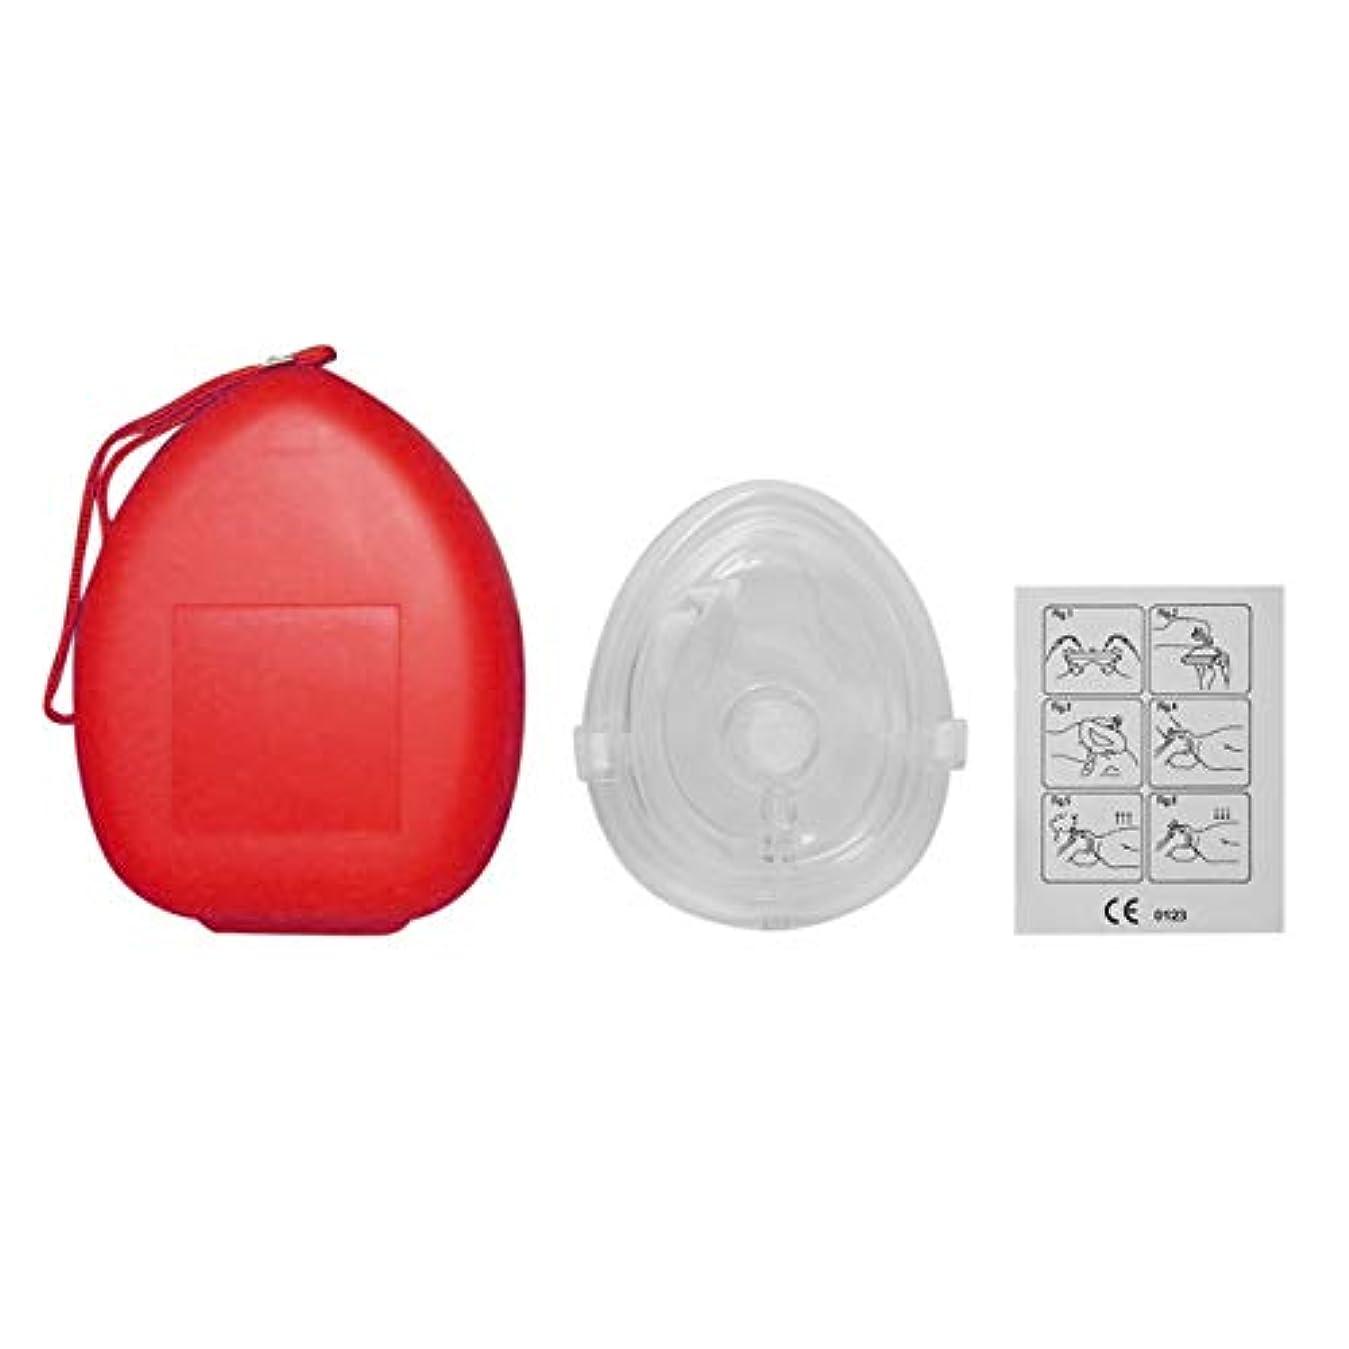 銃モジュール行列友美 プロのcpr顔保護マスク付き一方向弁救急救助者トレーニング教育キット呼吸マスク医療ツール